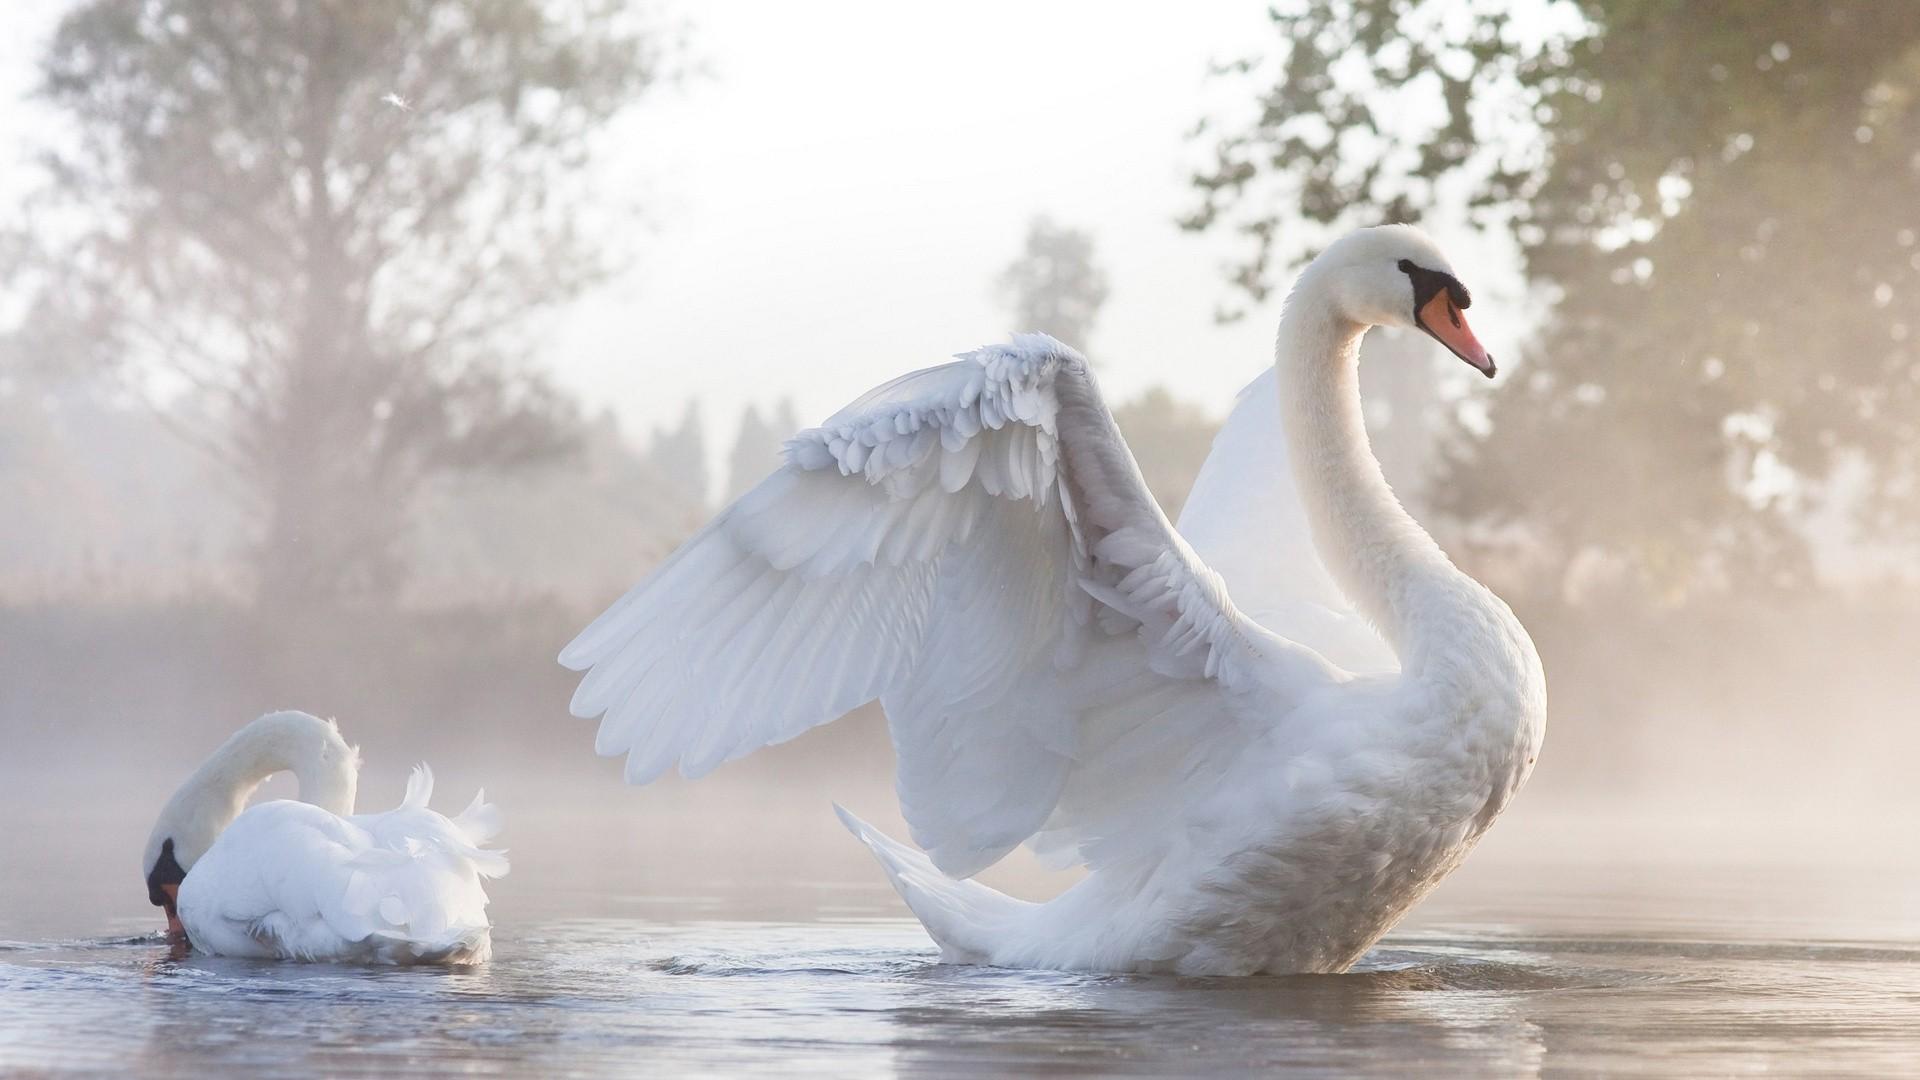 Swan Wallpaper 73 Images